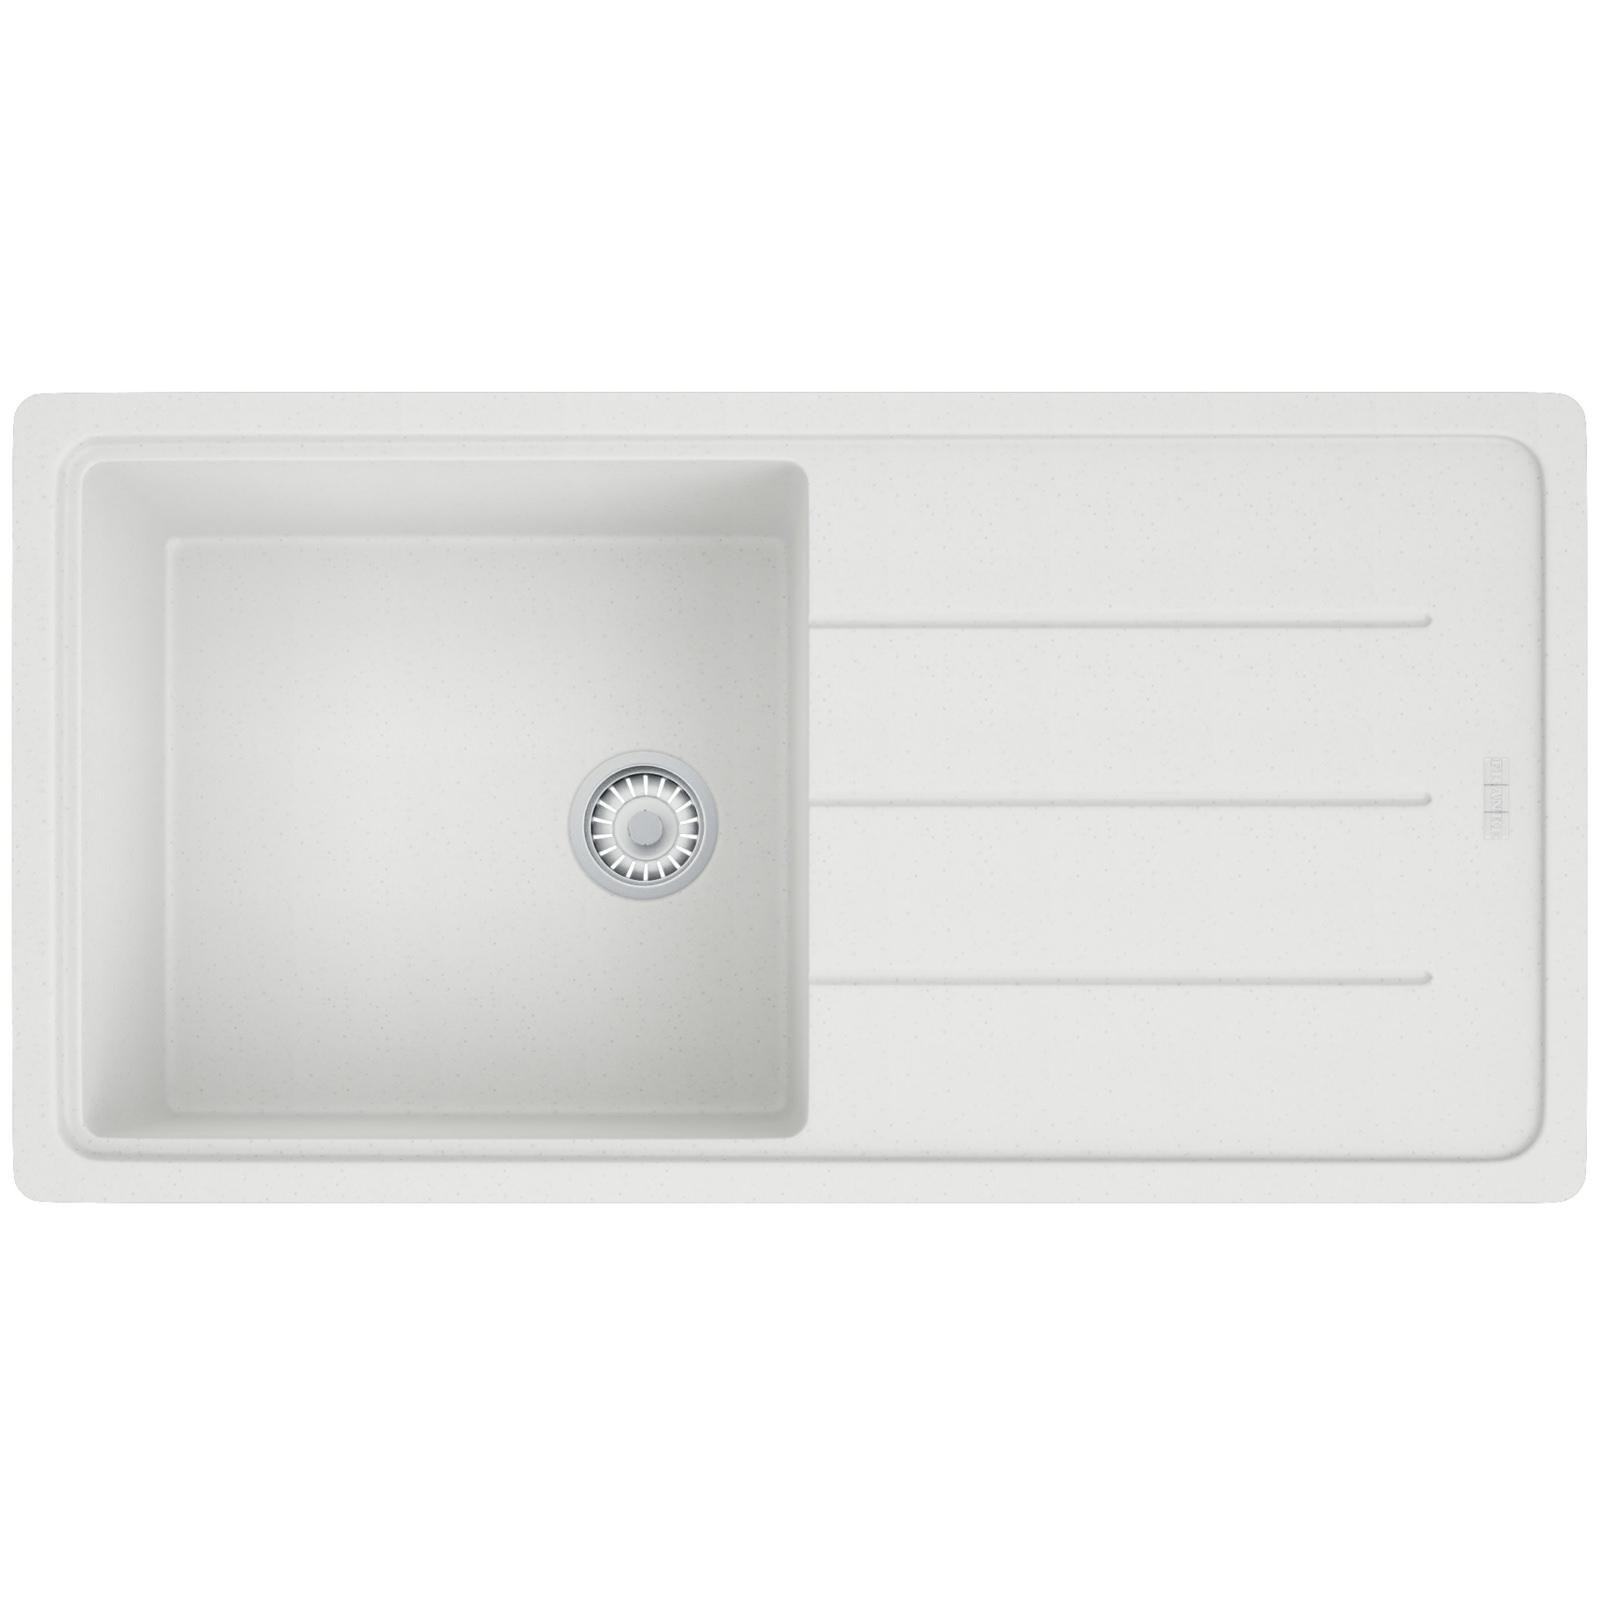 Superior Franke Basis BFG 611 970 Fragranite Polar White Inset Sink